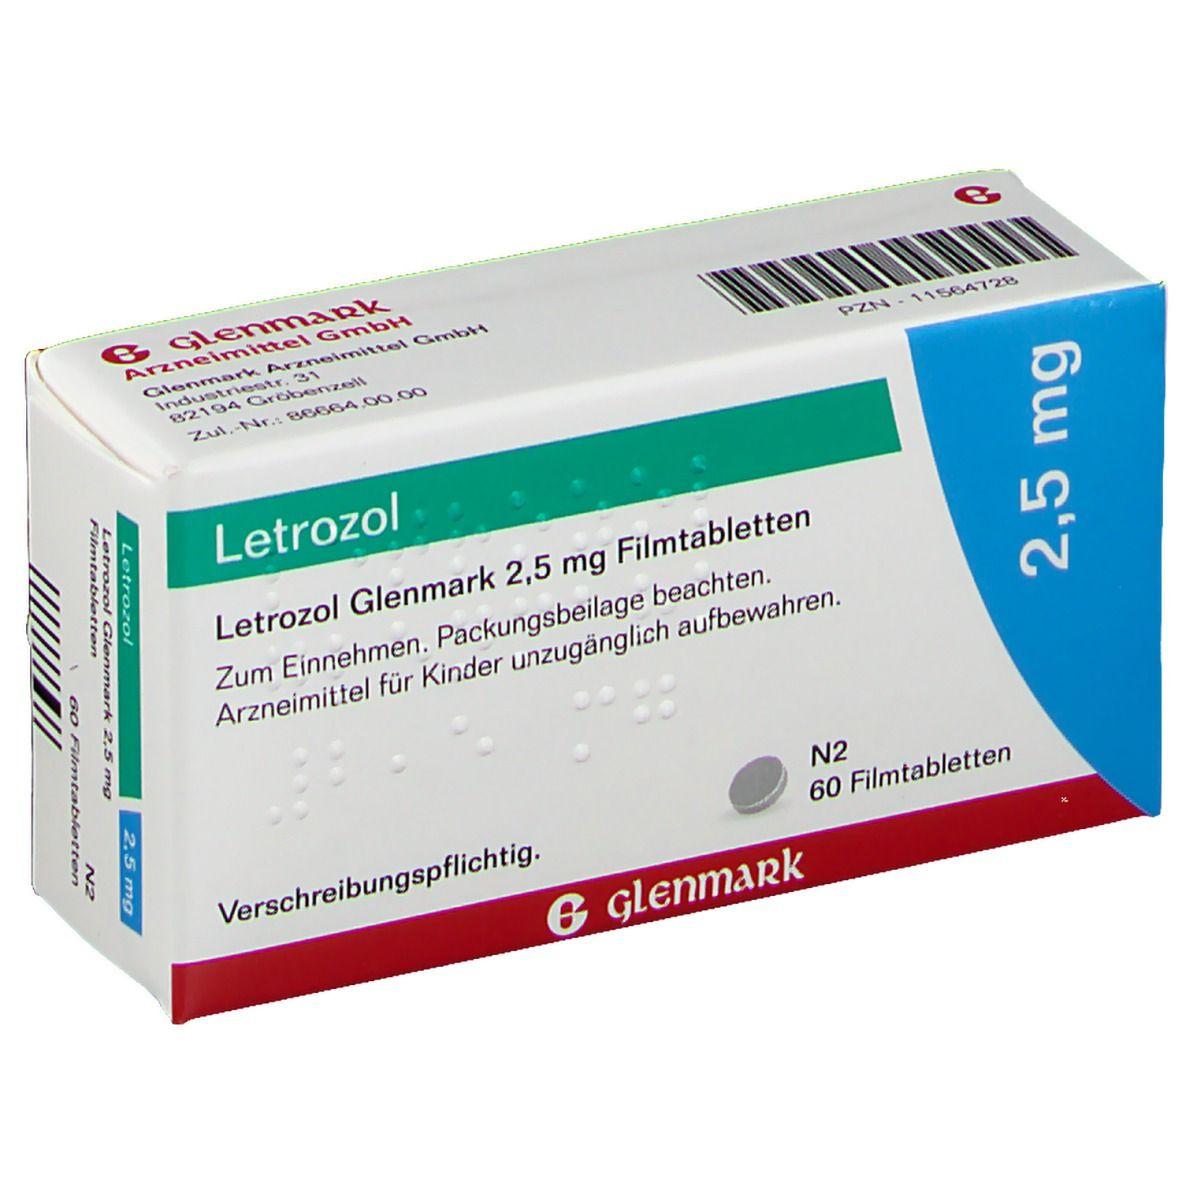 LETROZOL Glenmark 25 mg Filmtabletten 60 St - shop ...